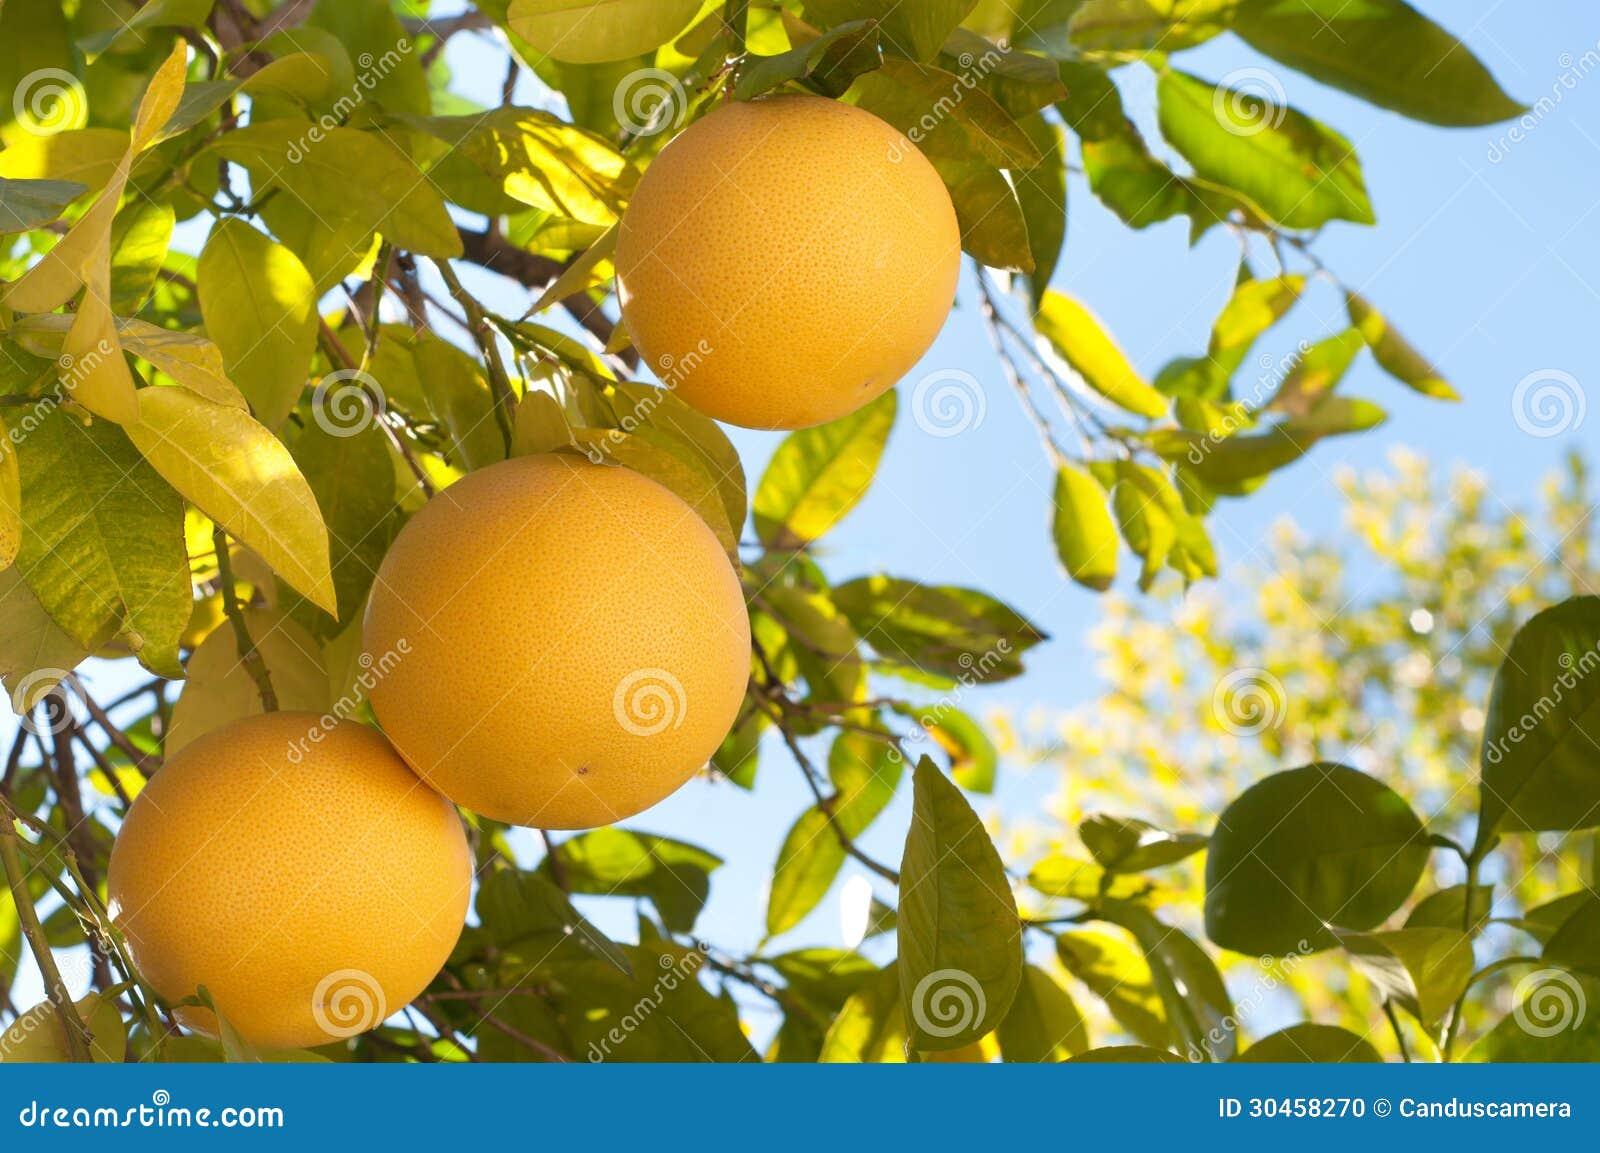 Pamplemousse trois sur un arbre en californie du sud en hiver photo stock image 30458270 - Pamplemousse amer ou acide ...